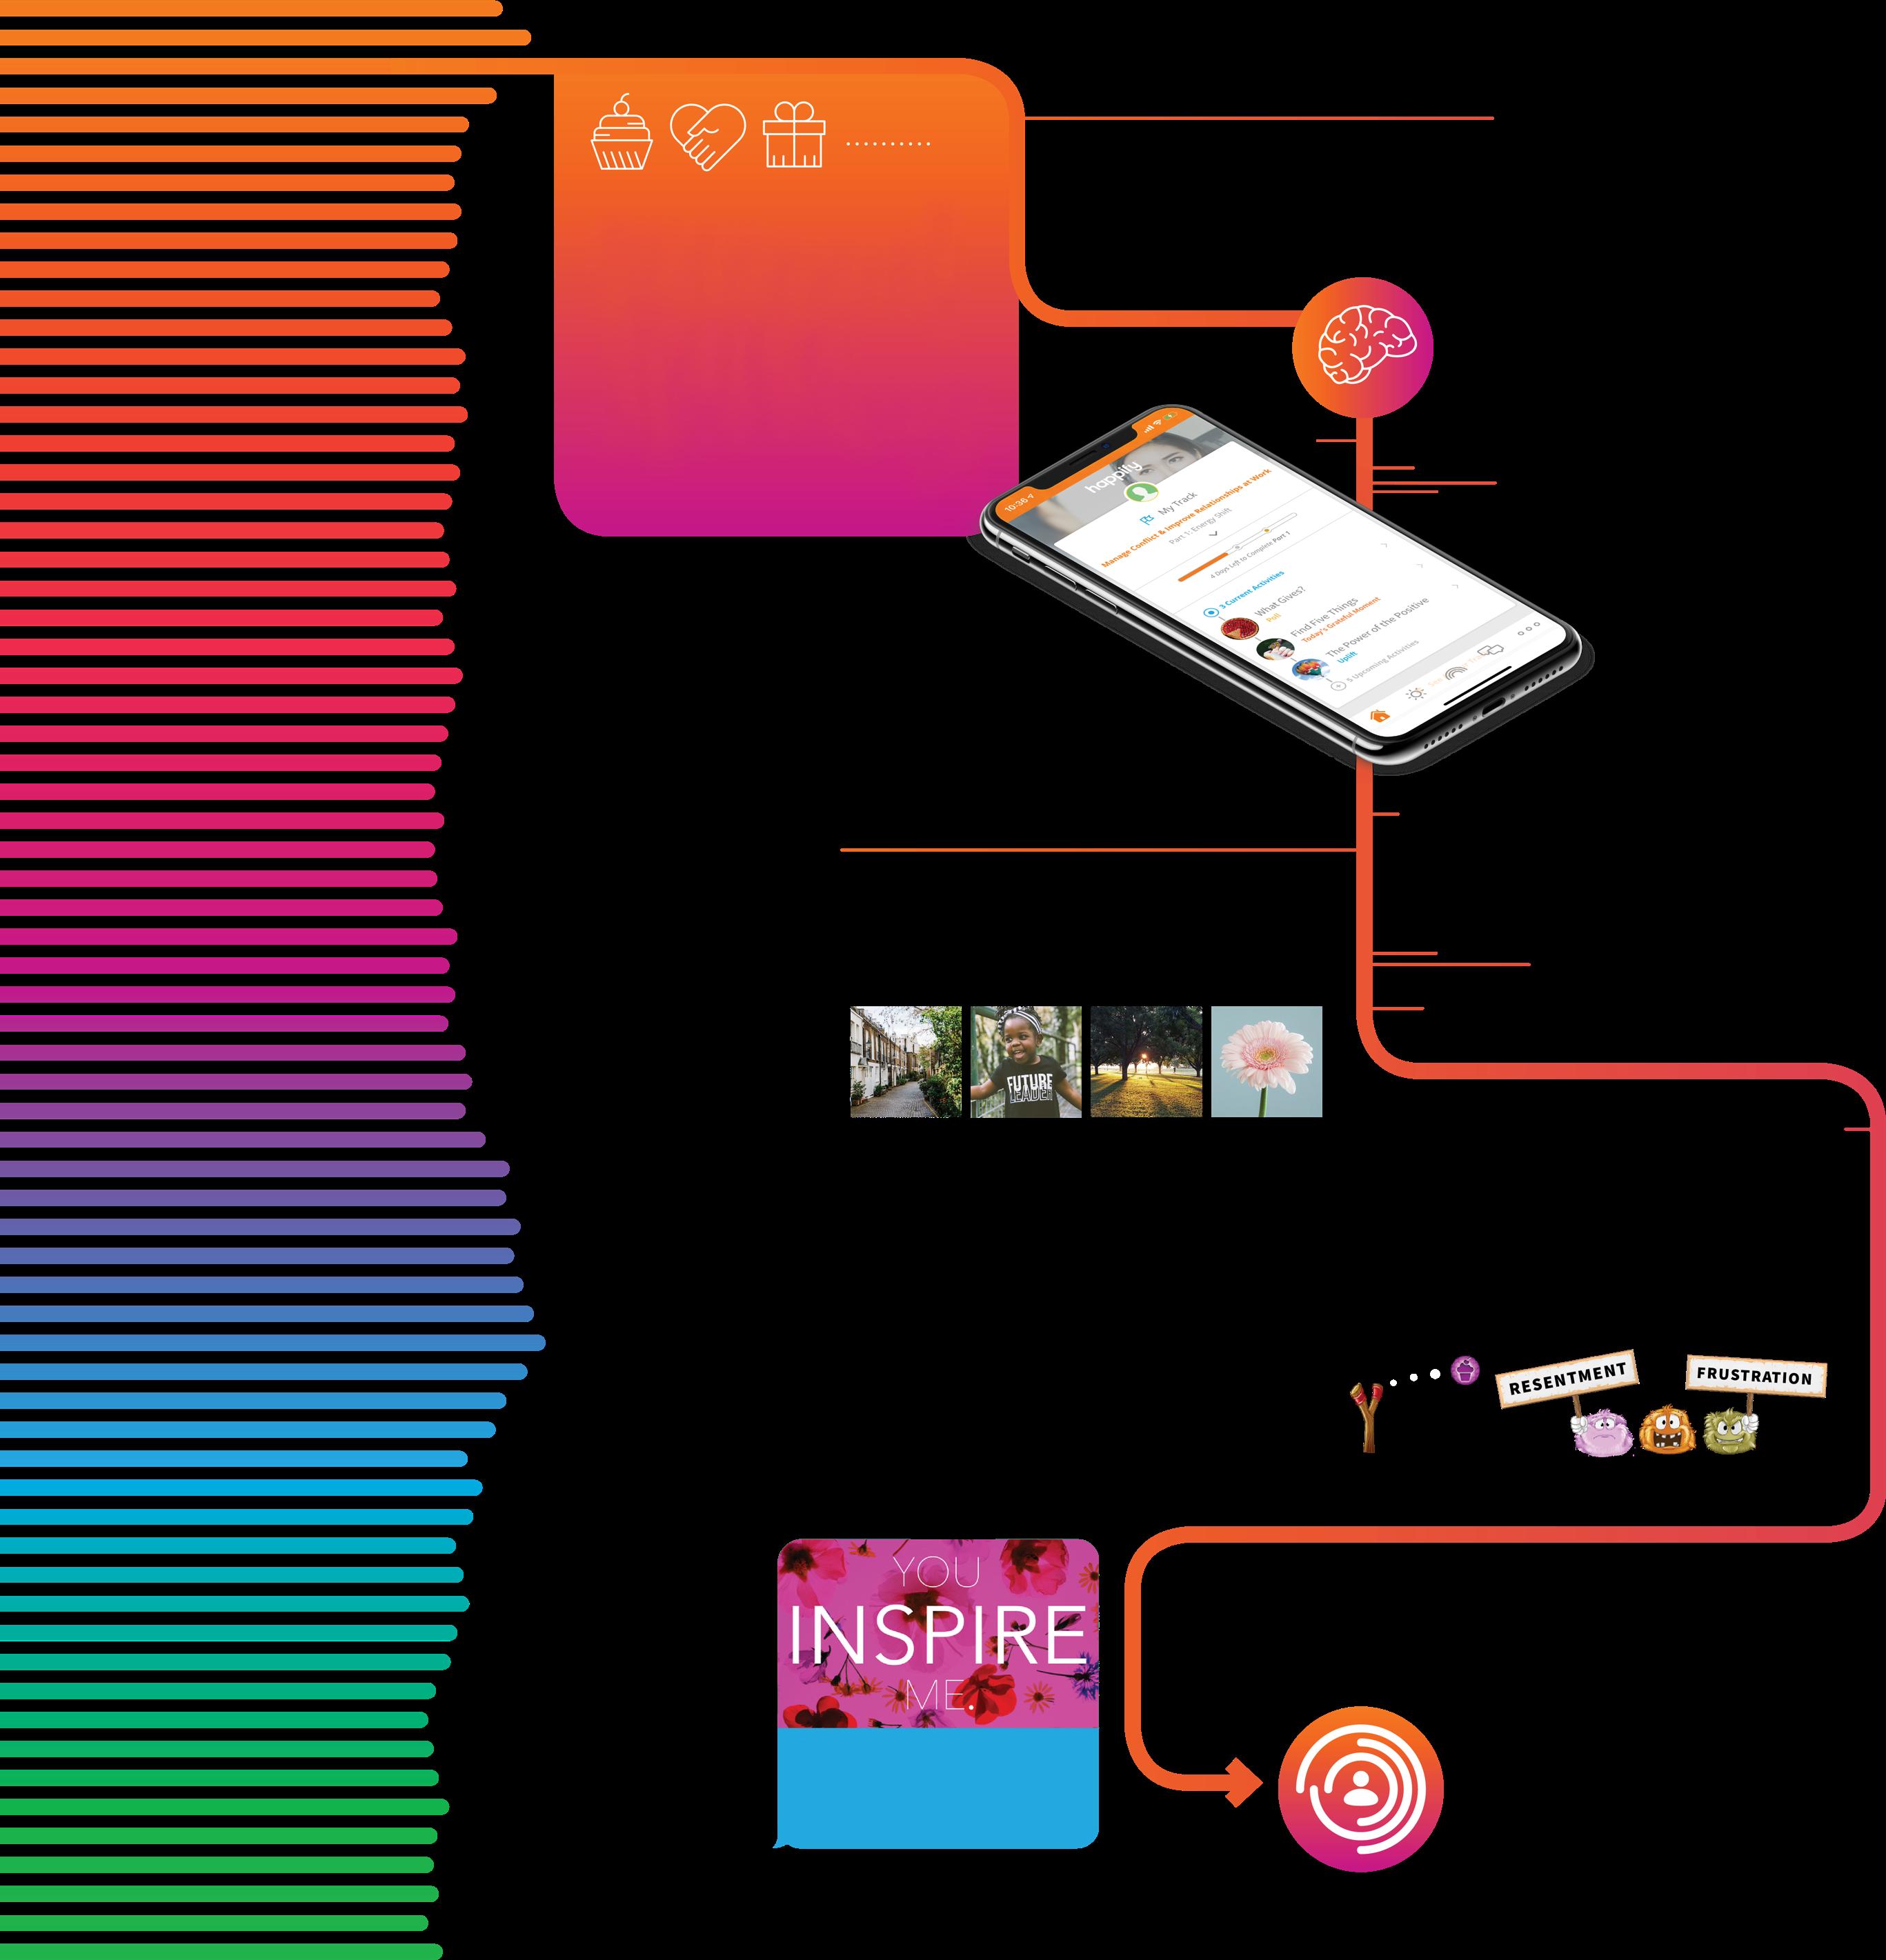 user story timeline image